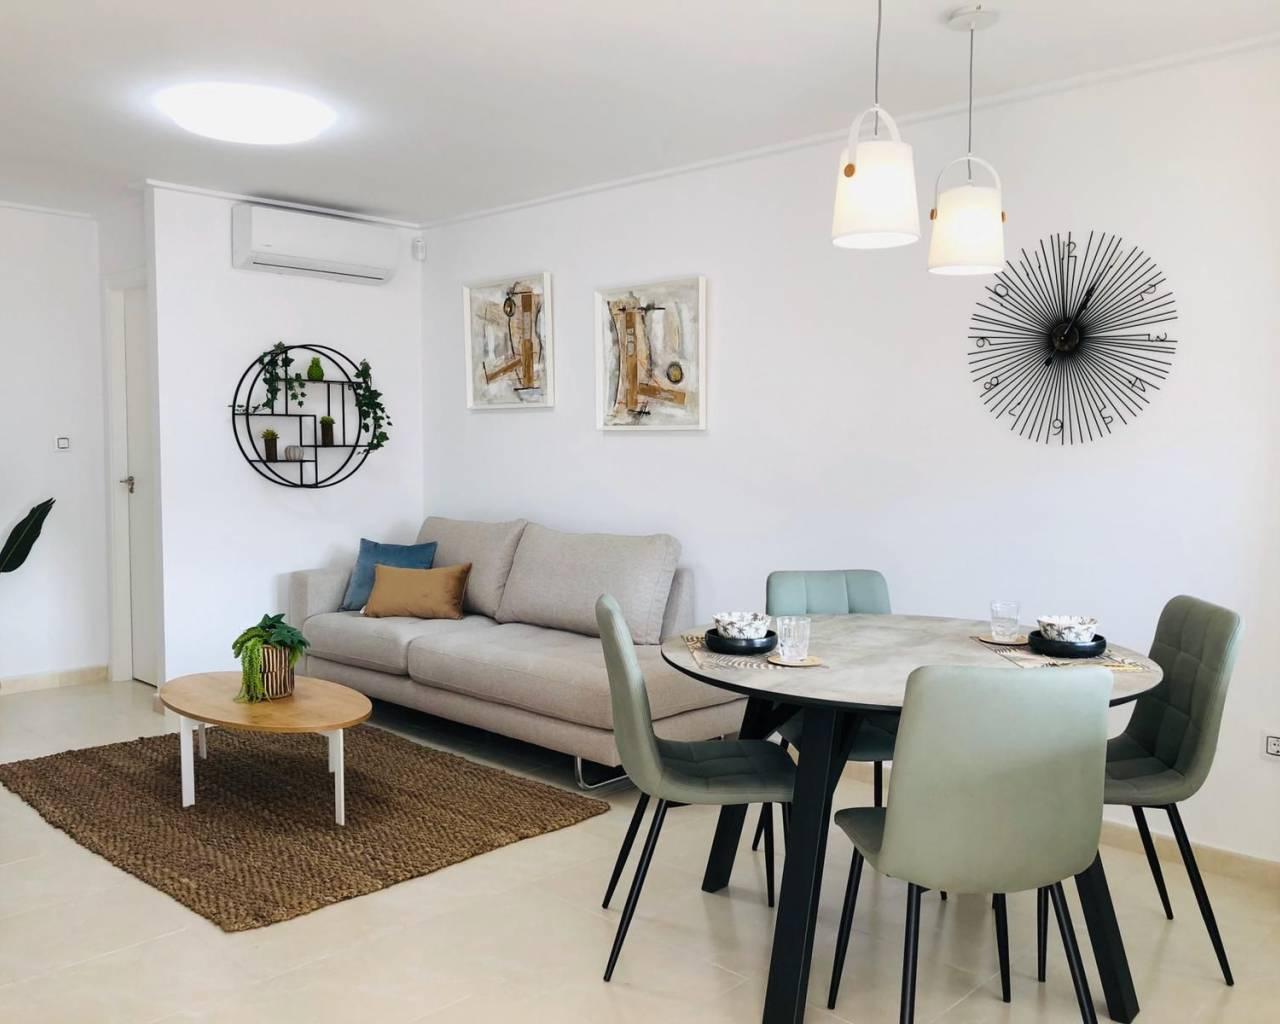 nieuwbouw-geschakelde-woning-duplex-torrevieja-los-balcones_5349_xl